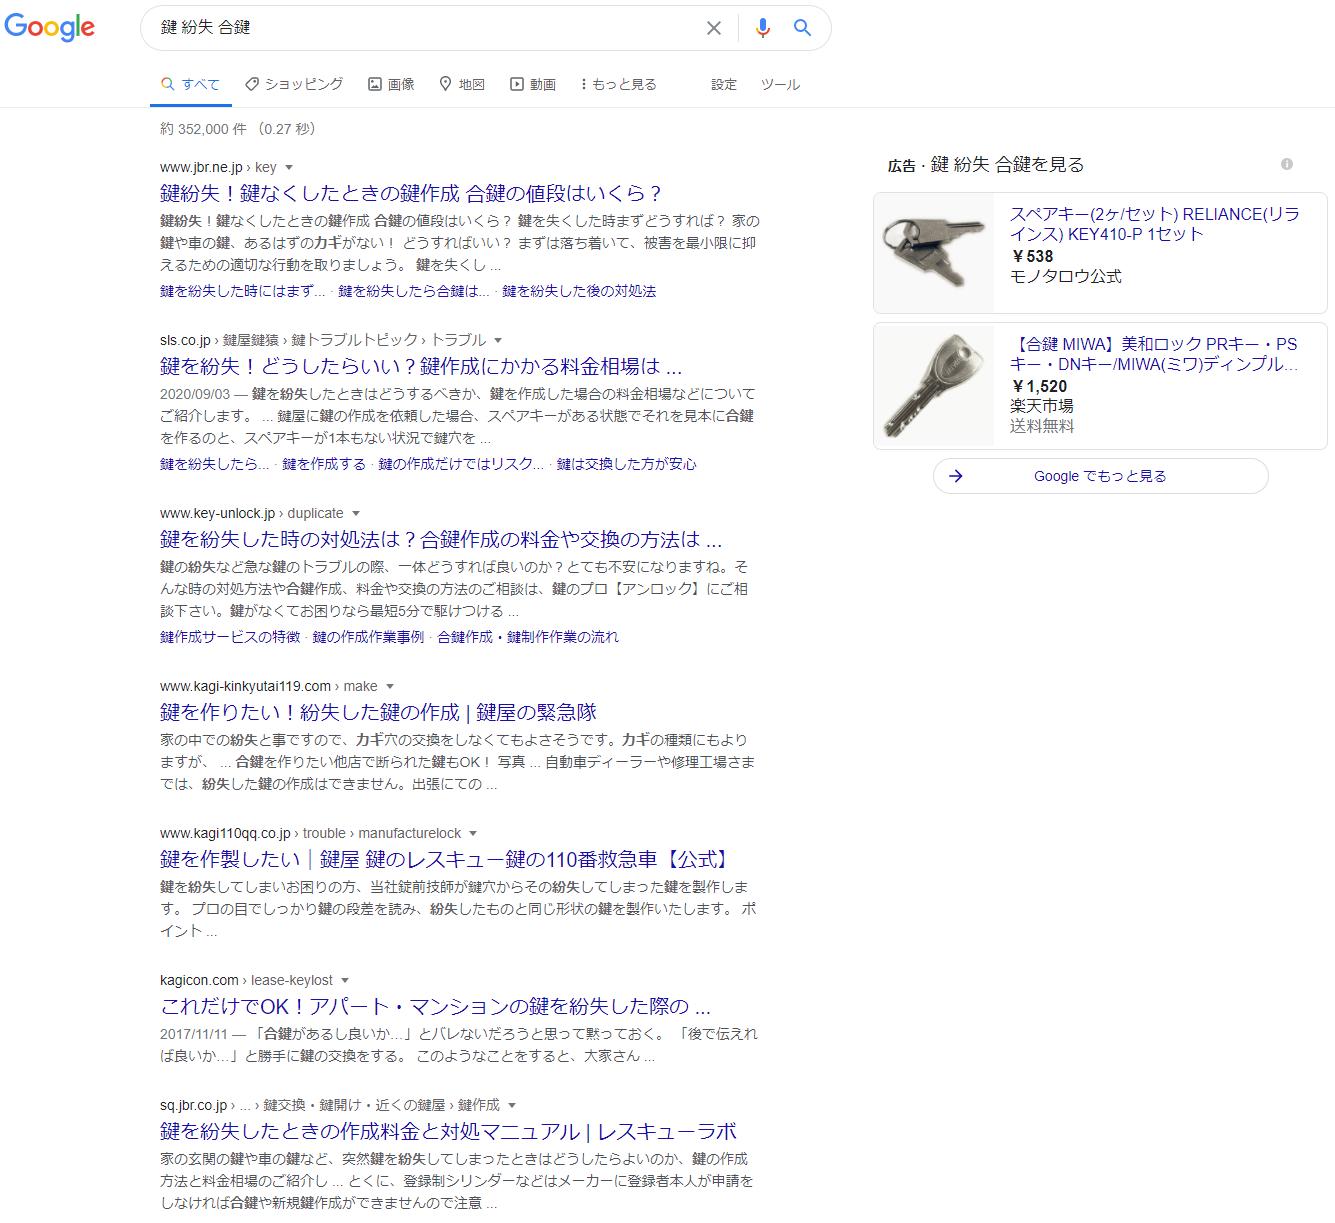 「鍵 紛失 合鍵」のGoogle検索結果